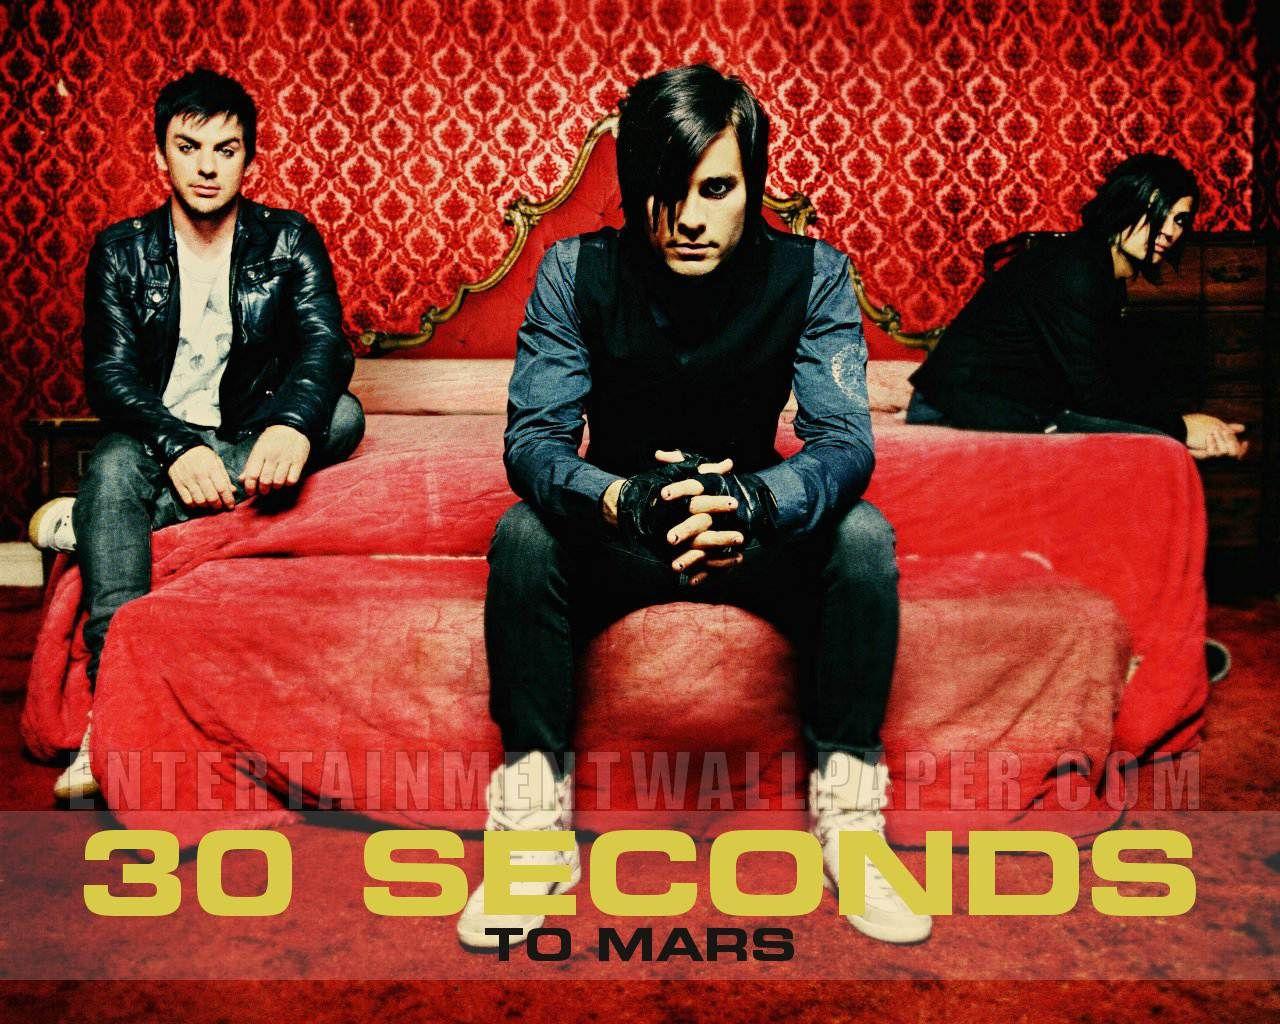 альбом 30 seconds to mars скачать